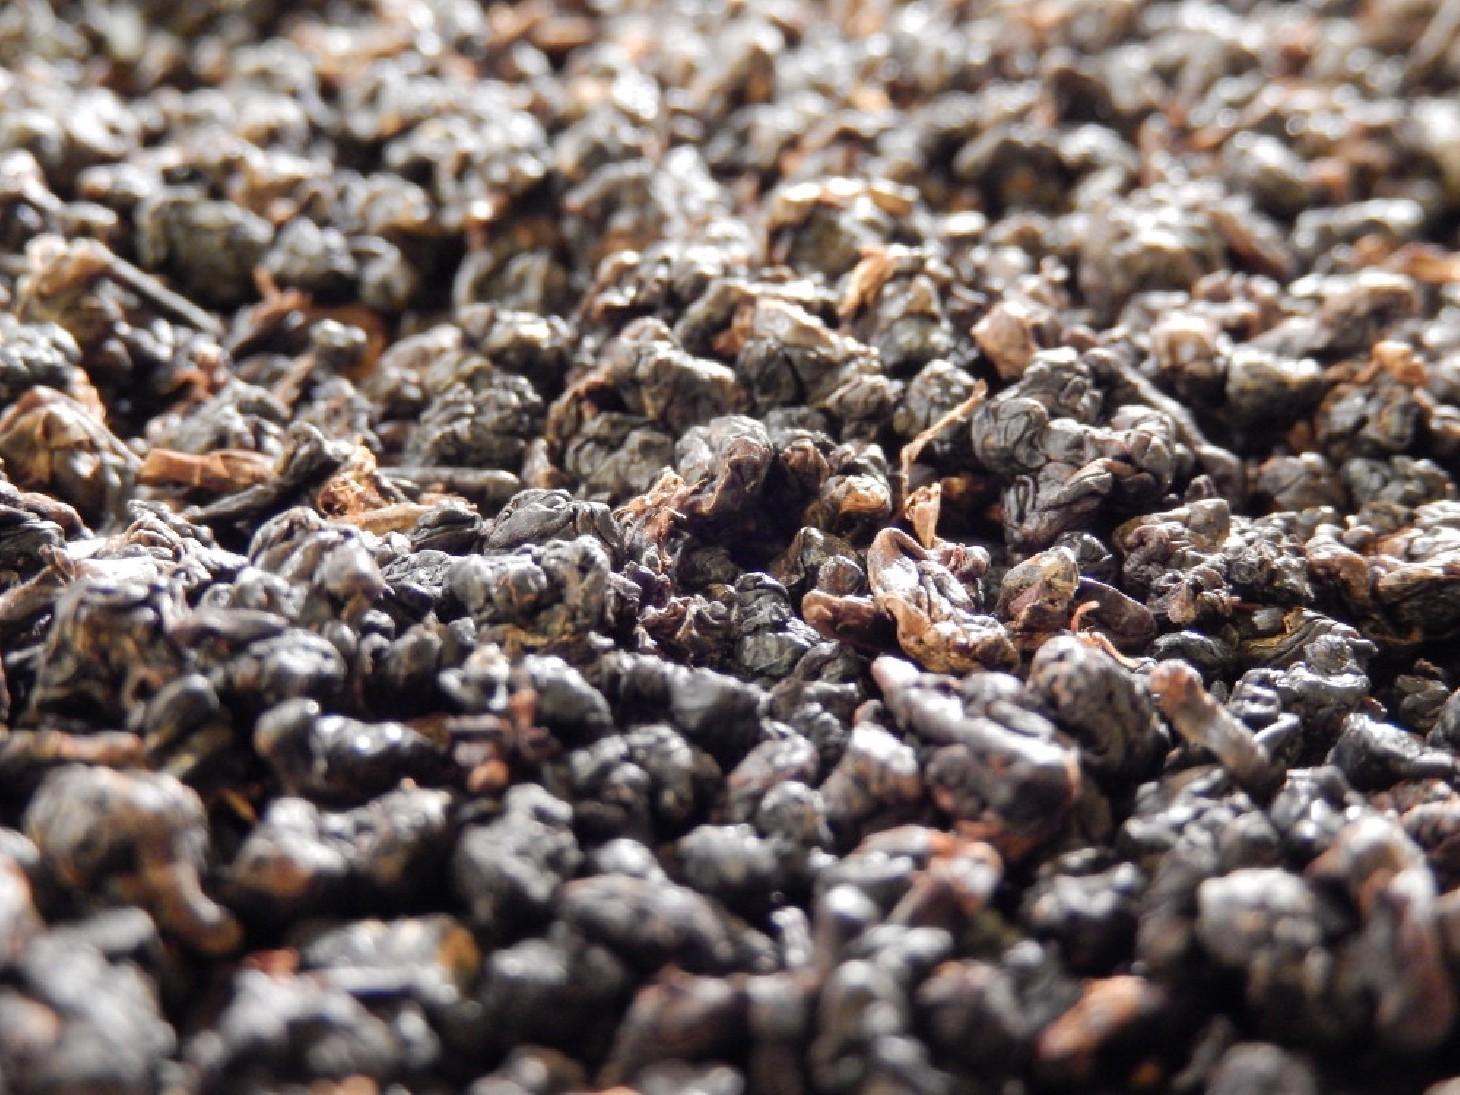 Formosa dark pearl oolong taiwan  rare thé bleu de prestige grand jardin d'exception sélectionné par tea & cie www.teacie.com